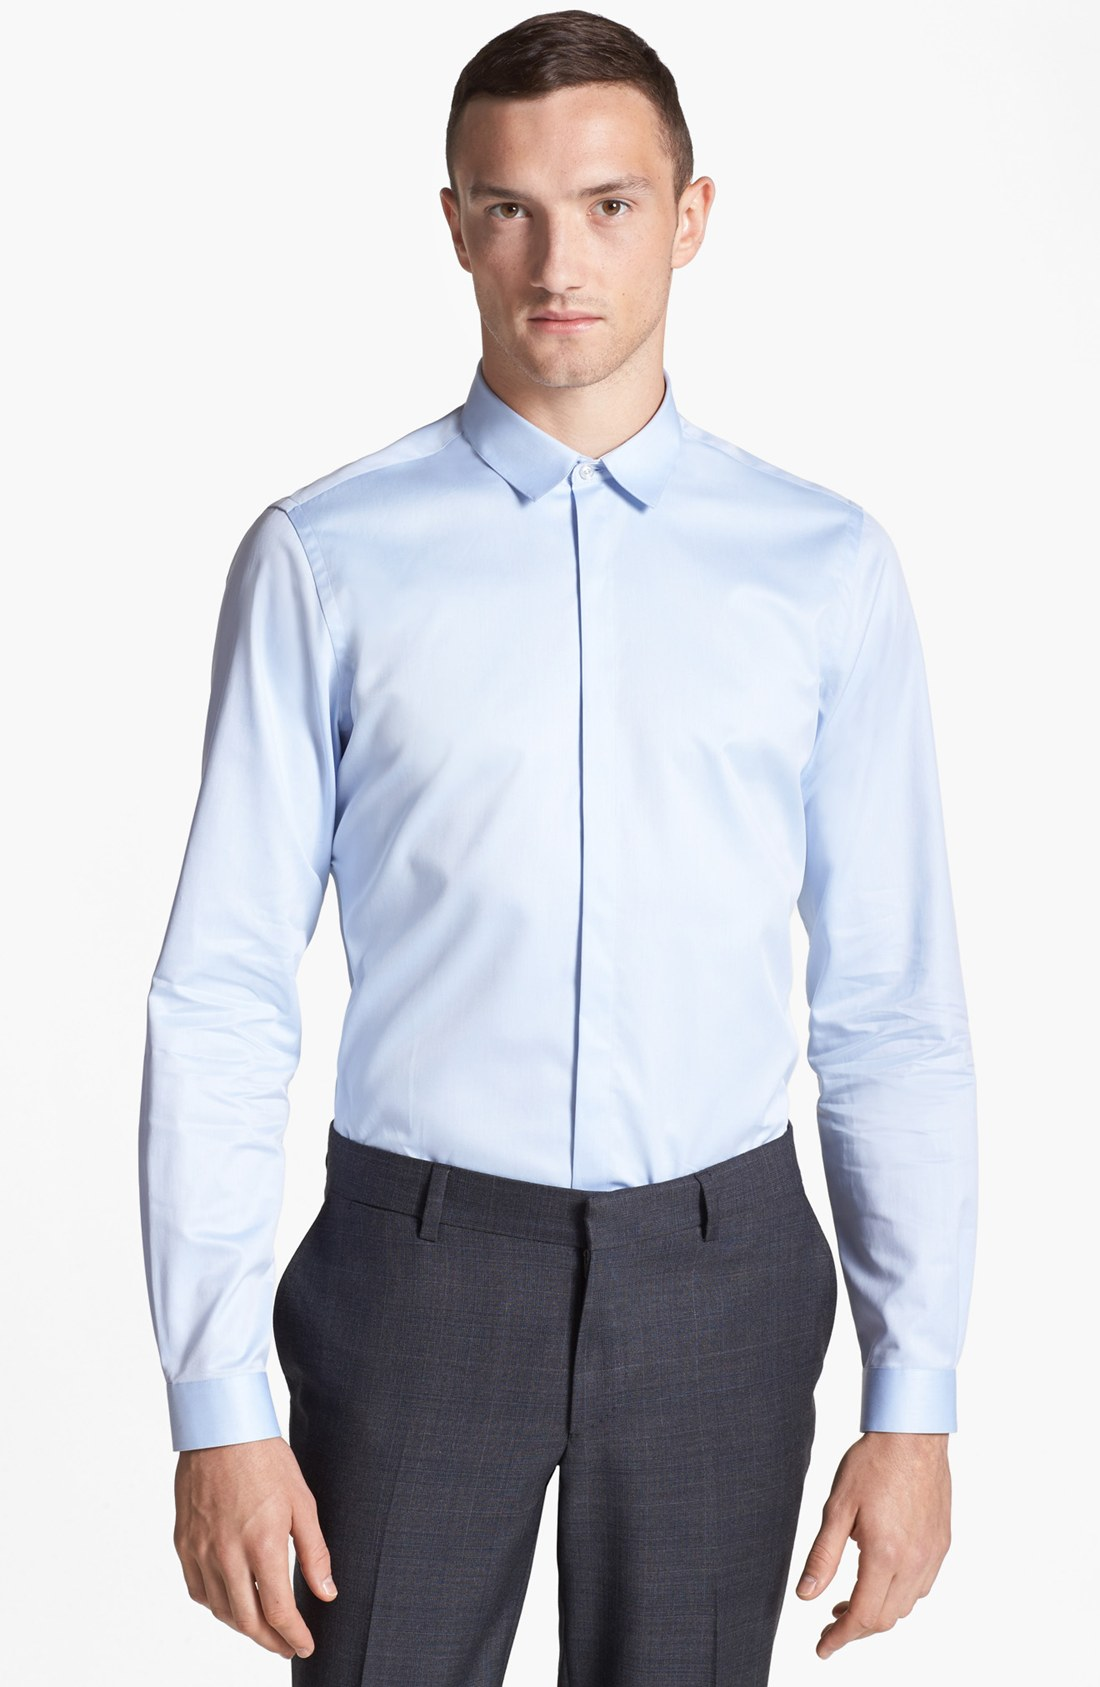 The Kooples Slim Fit Dress Shirt In Blue For Men Light